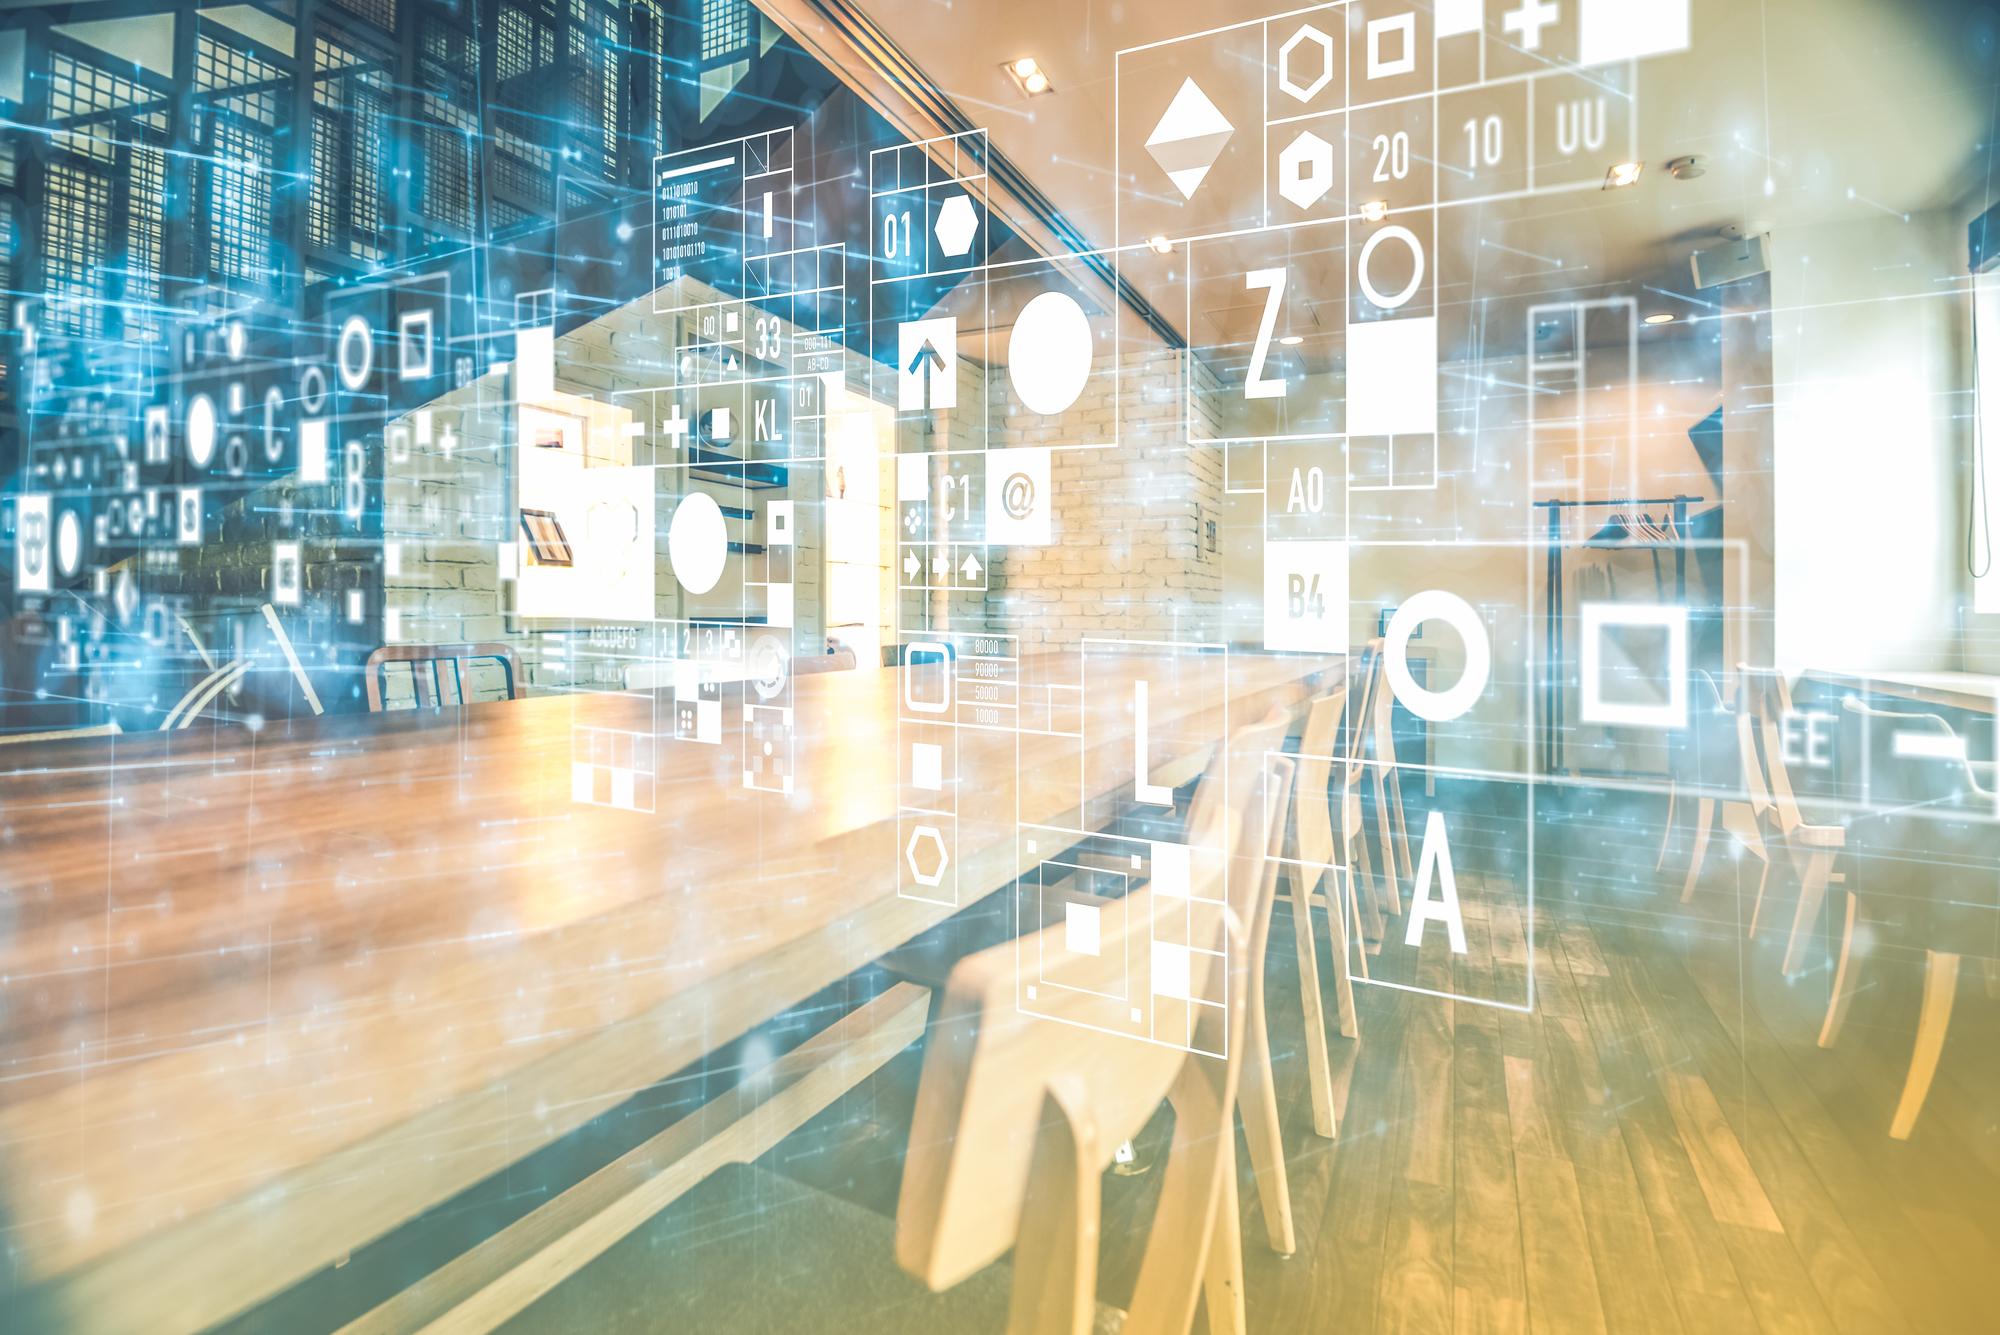 withコロナで加速。デジタル化が生むメリットとは?|TIME SHARING|タイムシェアリング|スペースマネジメント|あどばる|adval|SHARING